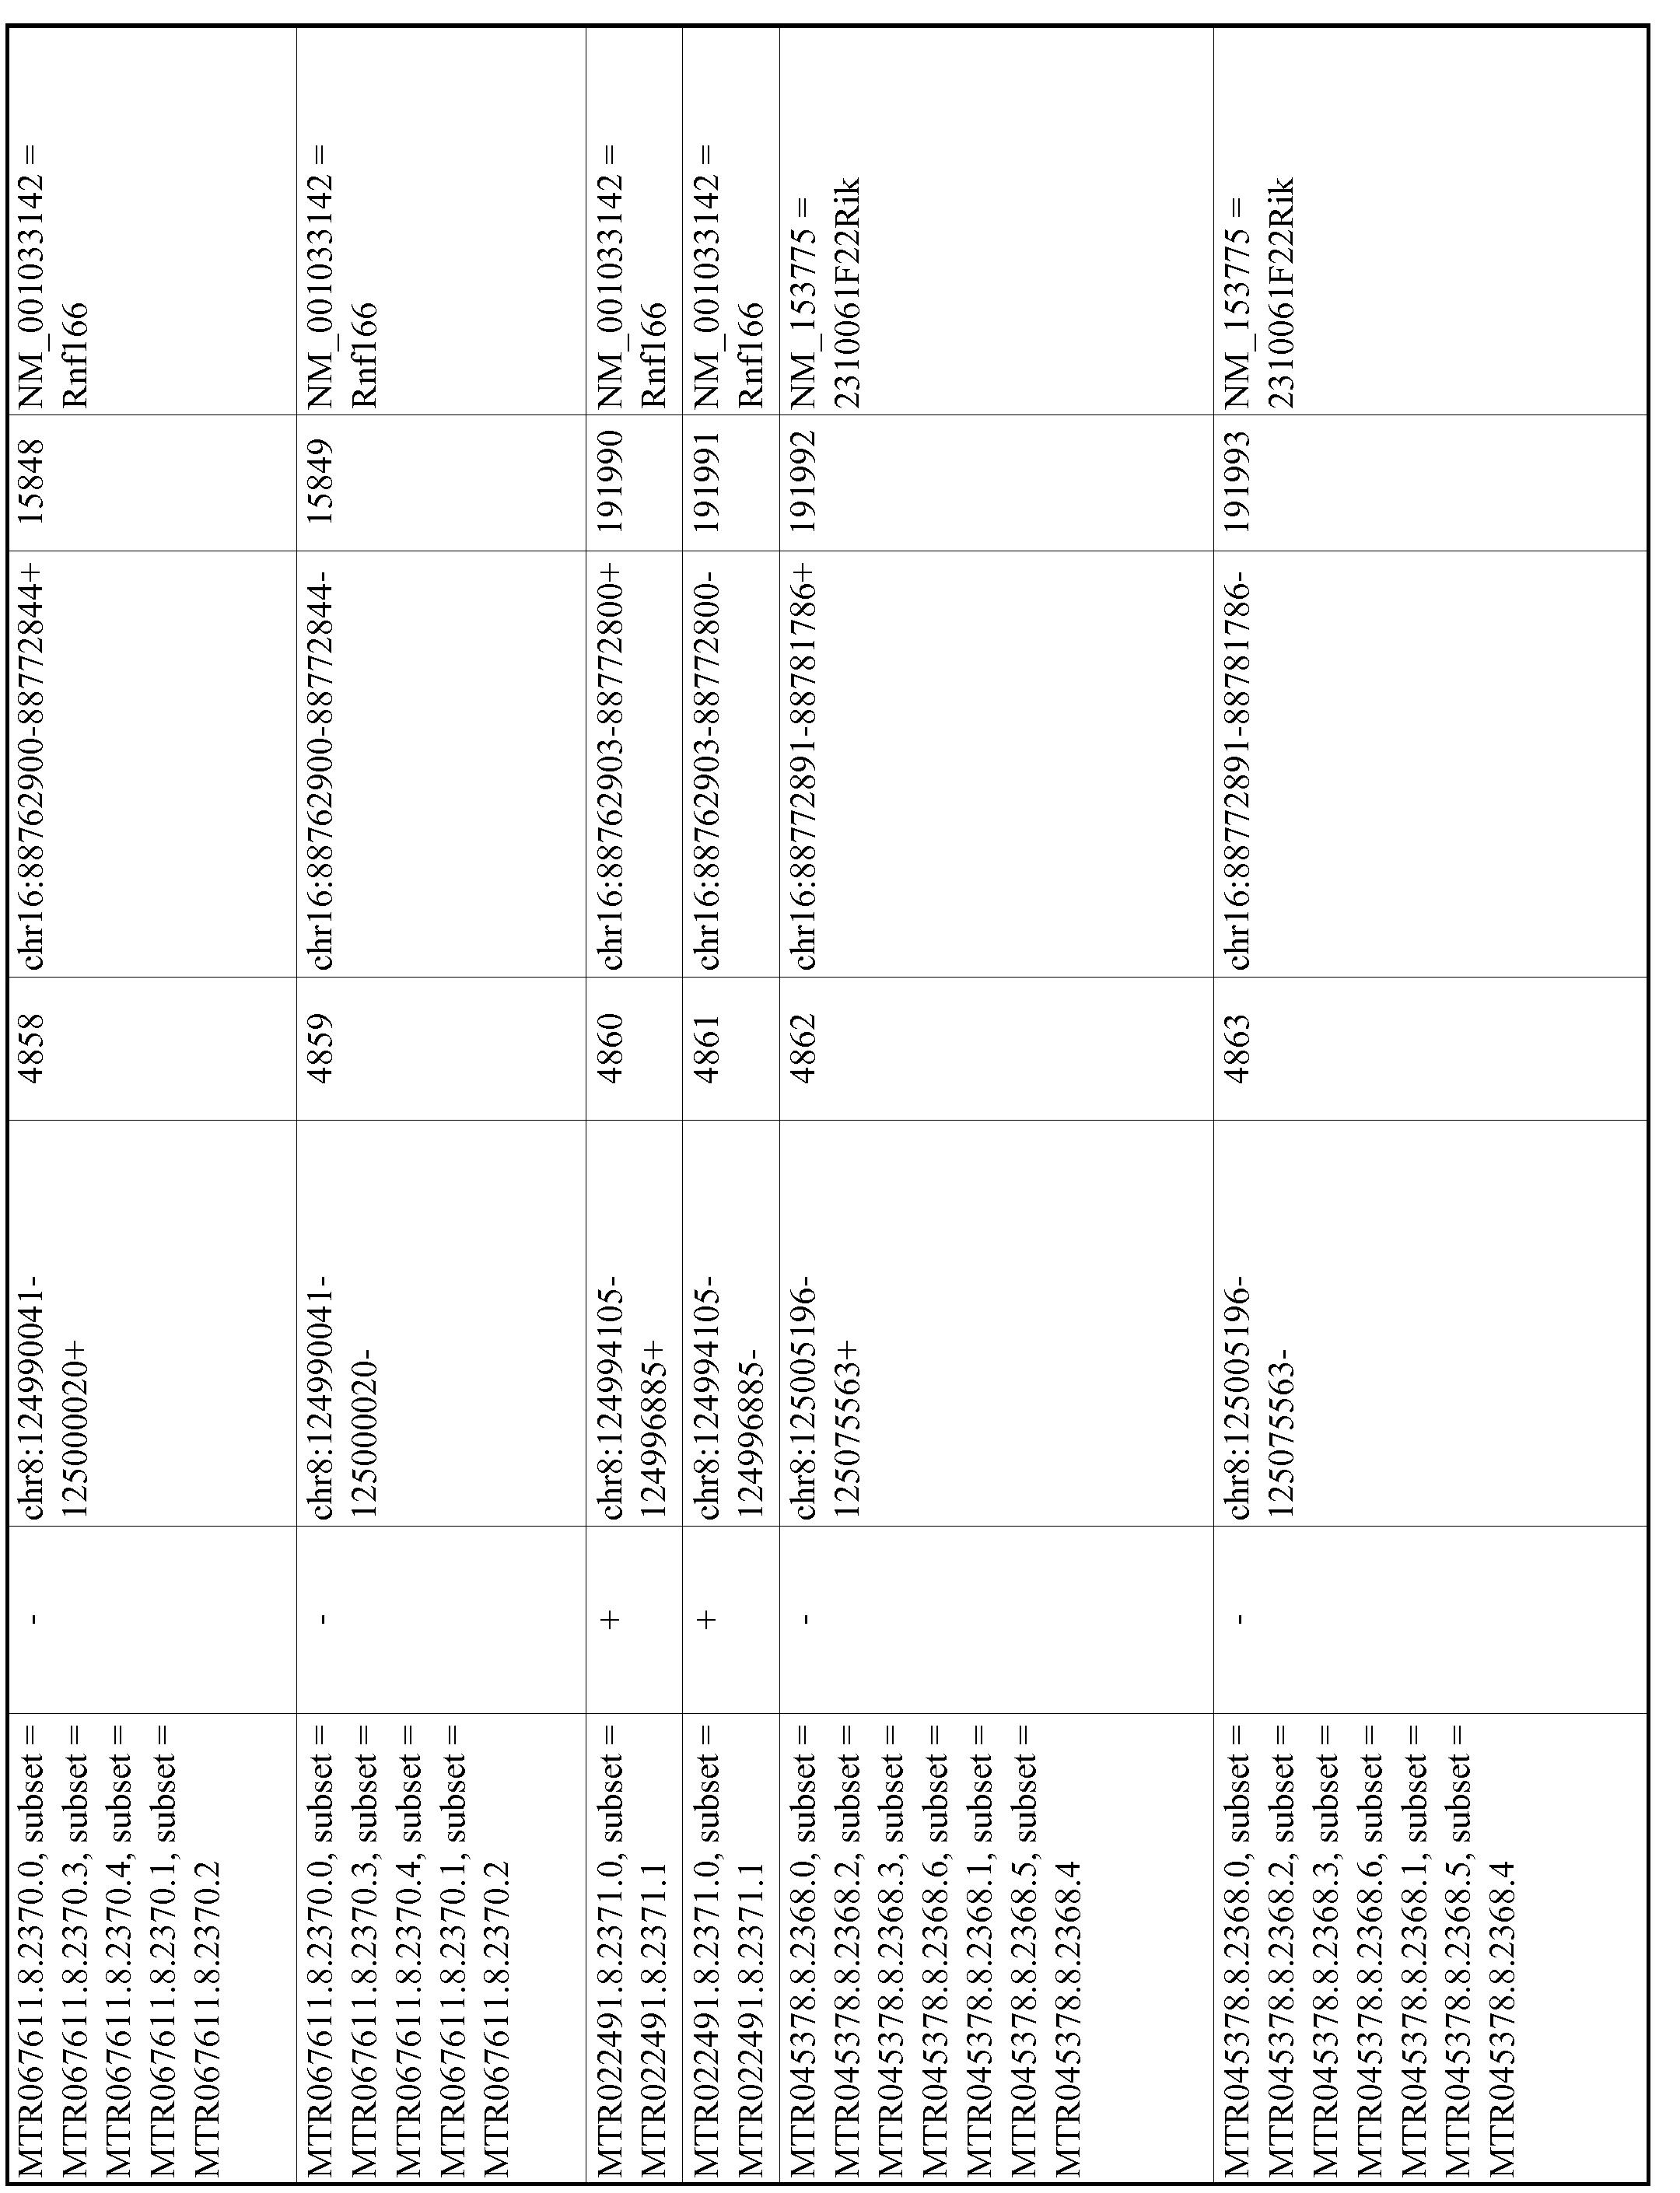 Figure imgf000898_0001